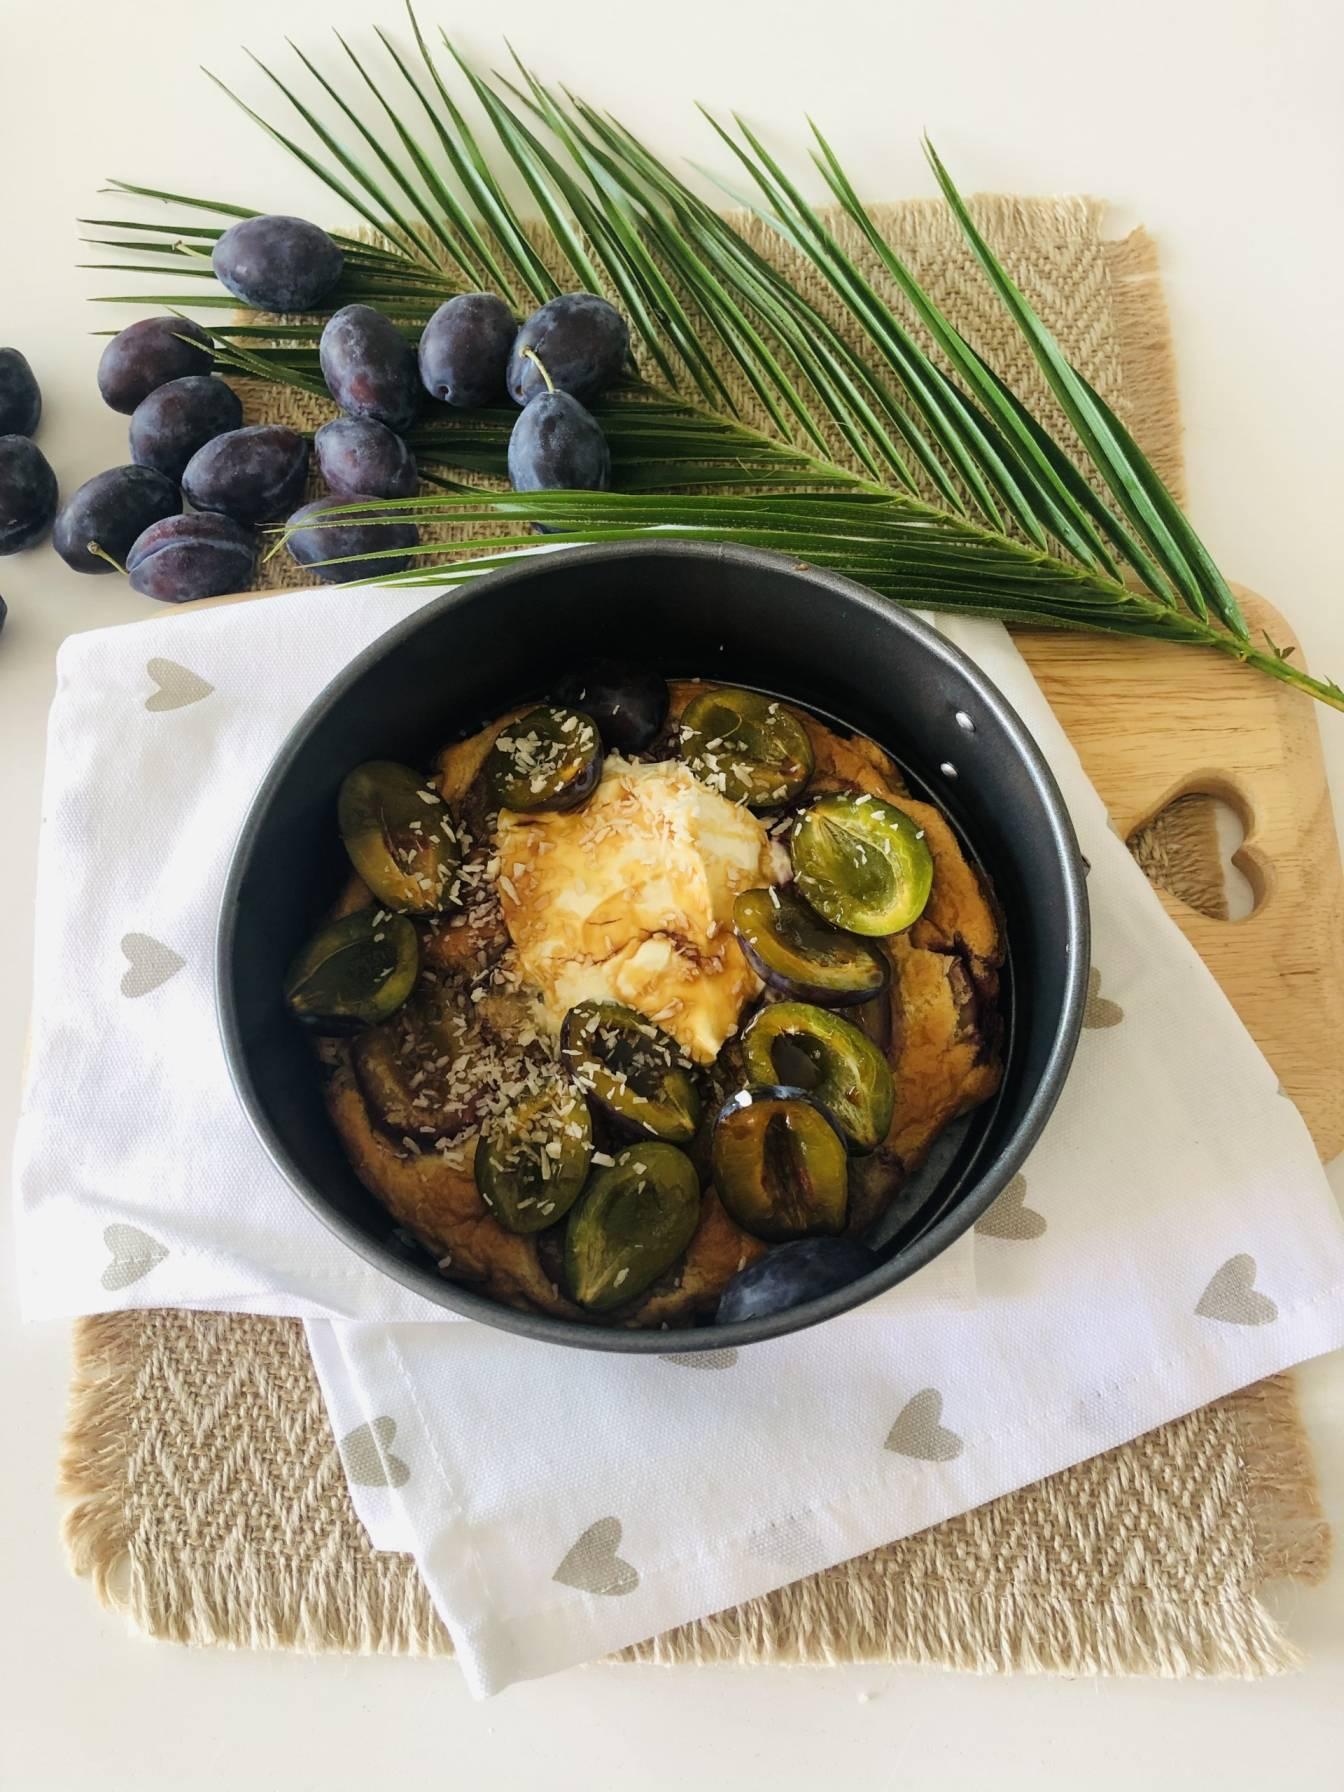 Amarantusowy biszkopt ze śliwką - przepis na śliwkowe śniadanie.